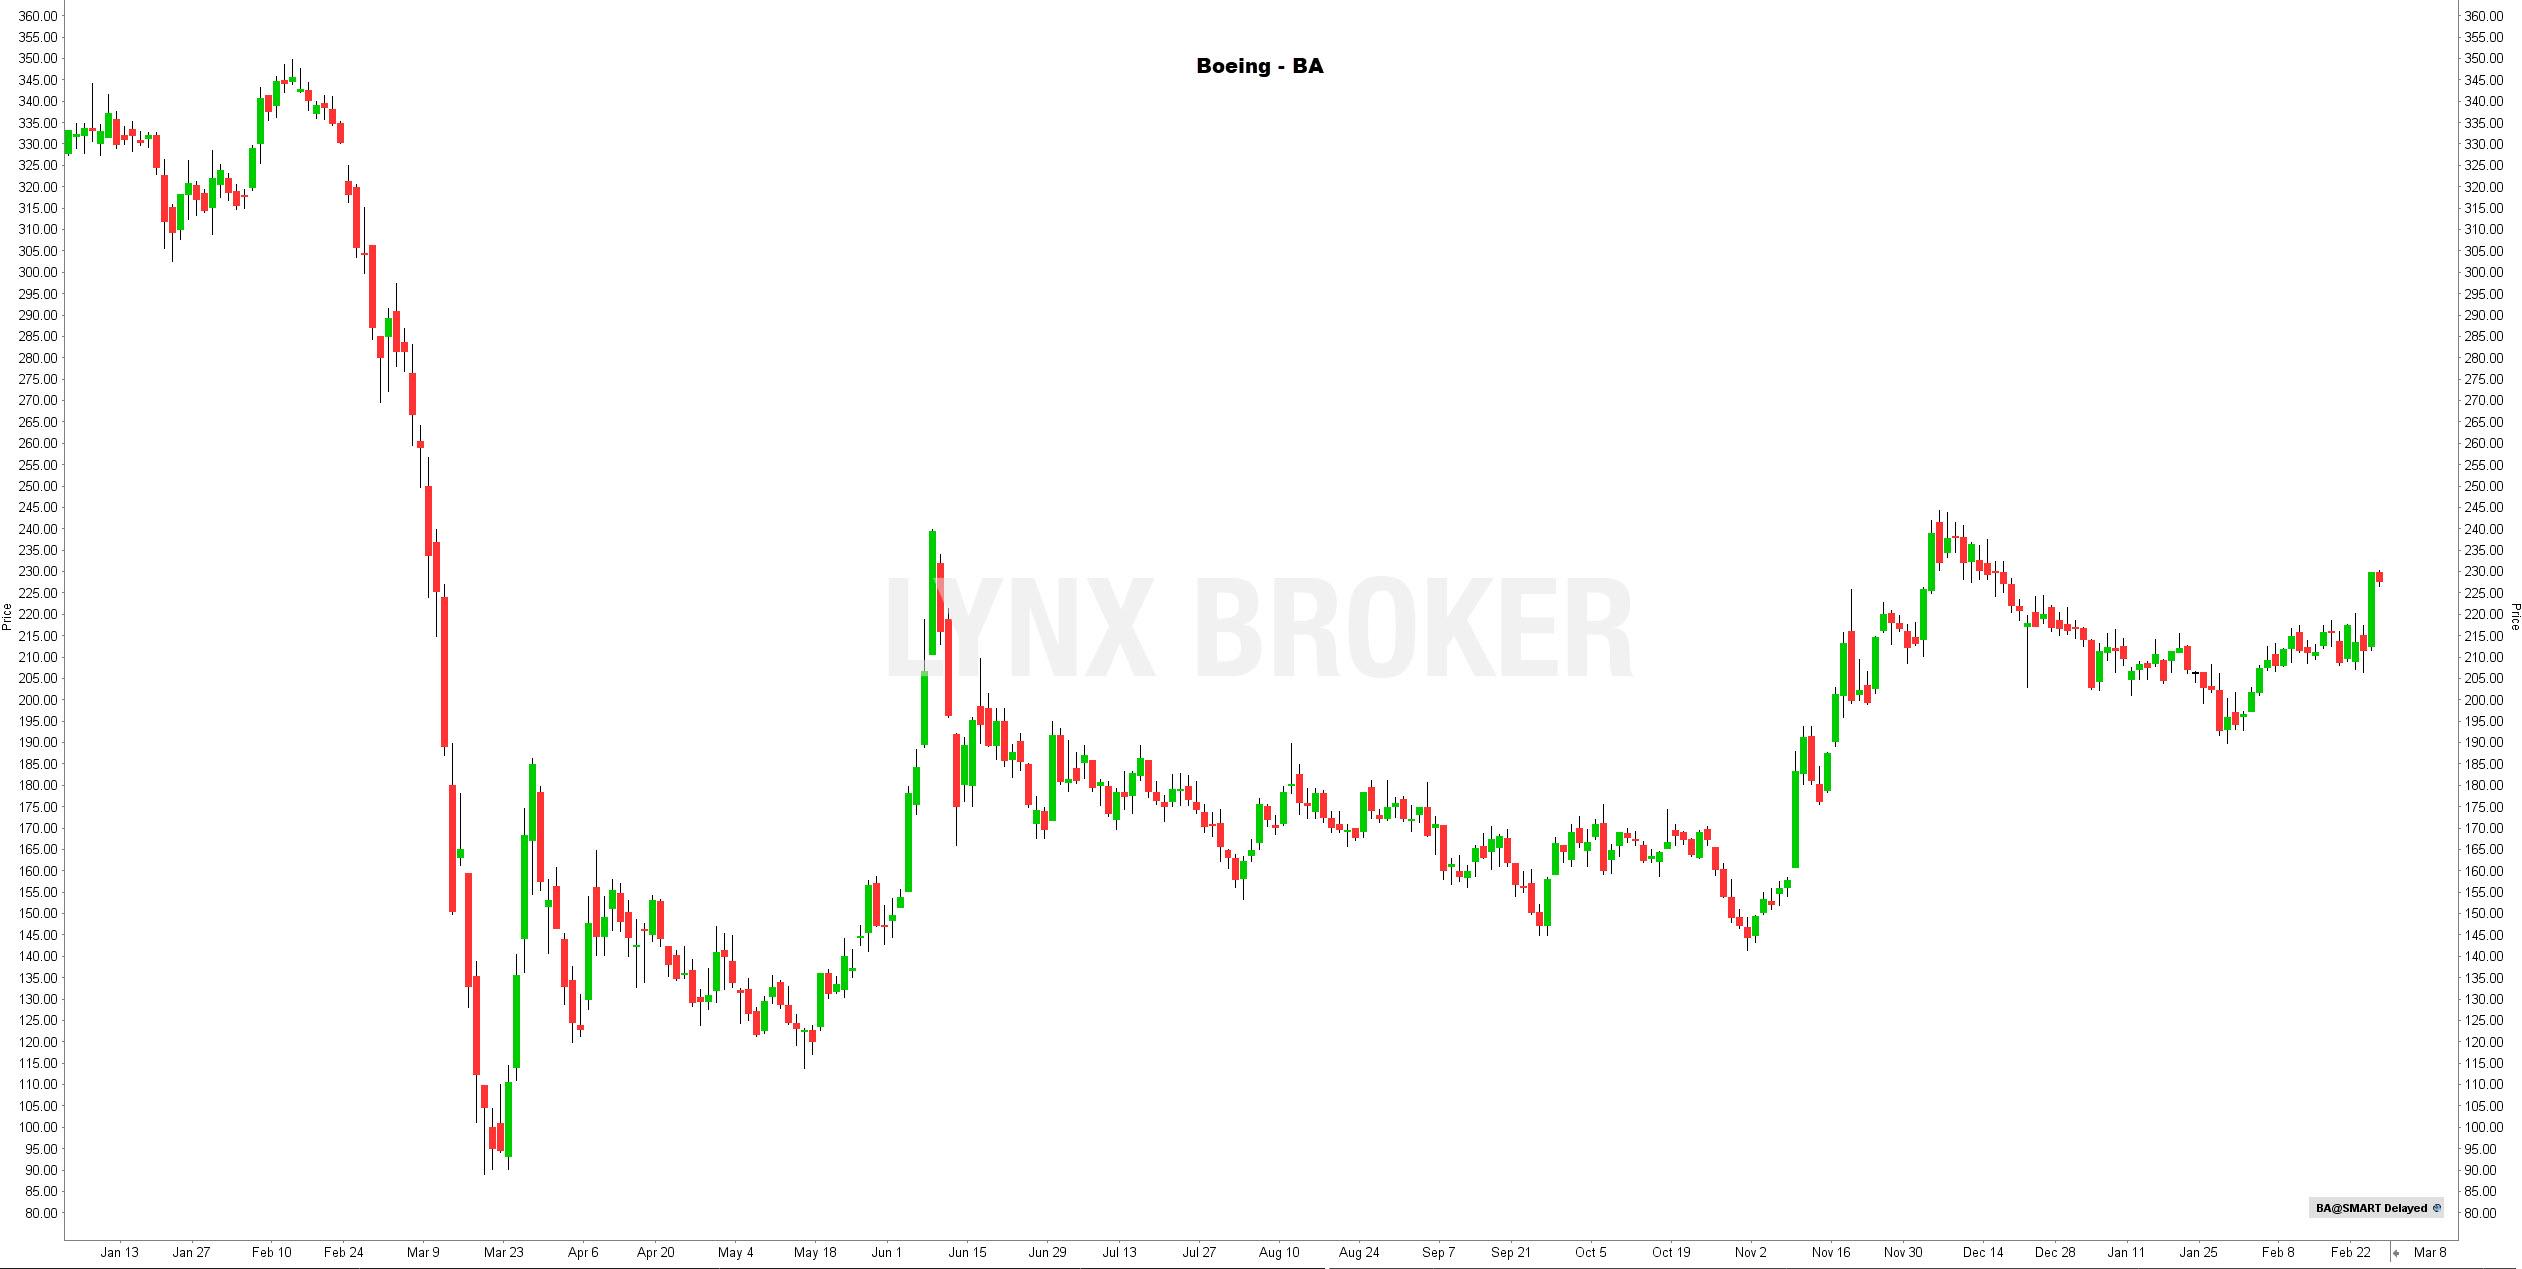 la chronique lynx broker 250221 - graphique Boeing